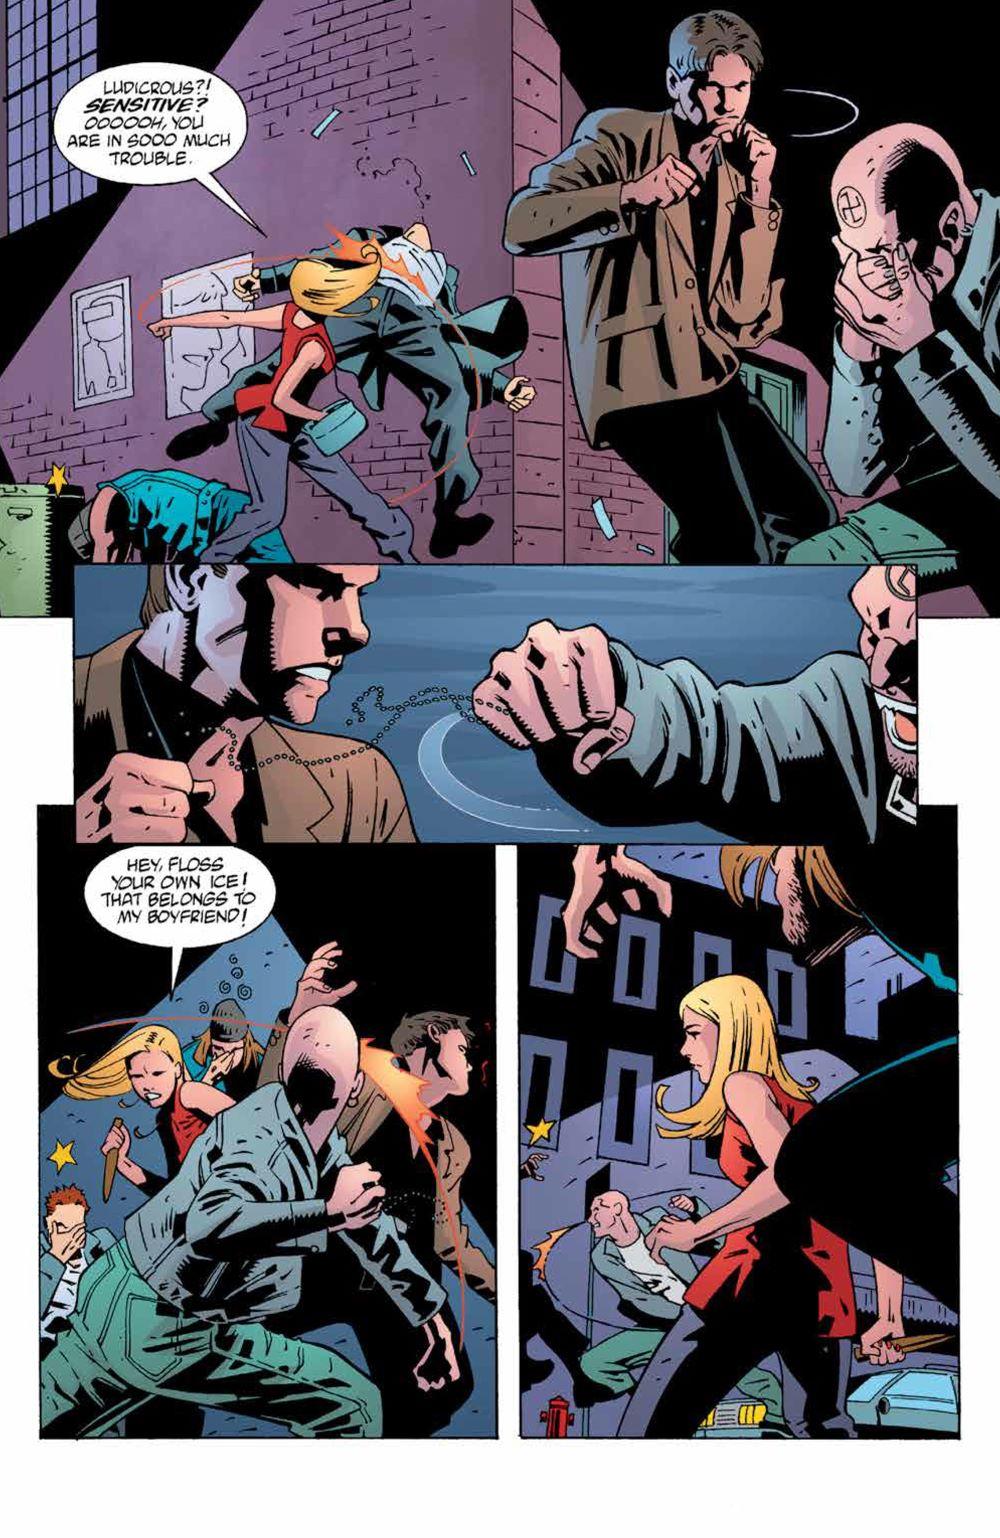 Buffy_Legacy_v4_SC_PRESS_13 ComicList Previews: BUFFY THE VAMPIRE SLAYER LEGACY EDITION VOLUME 4 SC